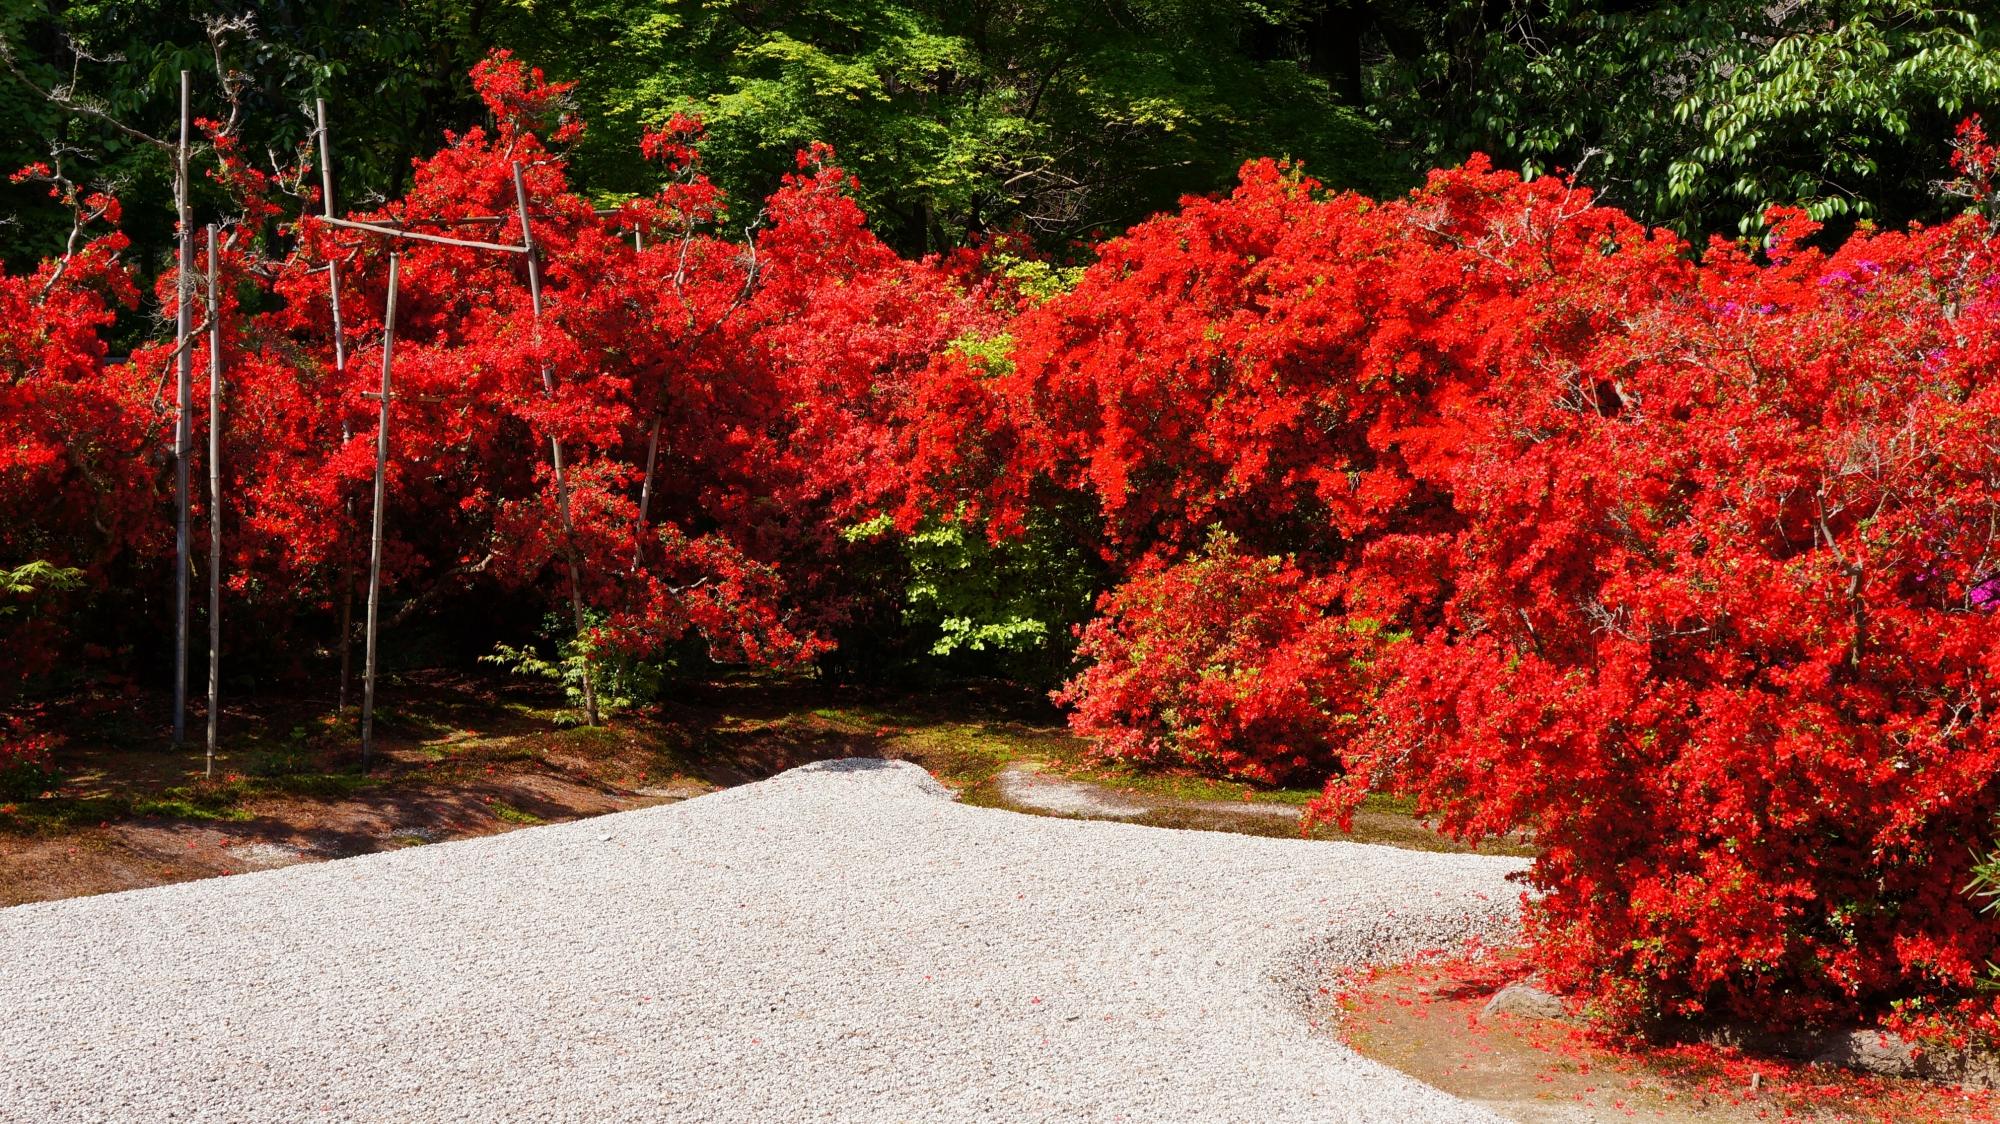 天晴れな赤さで上品な庭園を華やぐキリシマツツジ